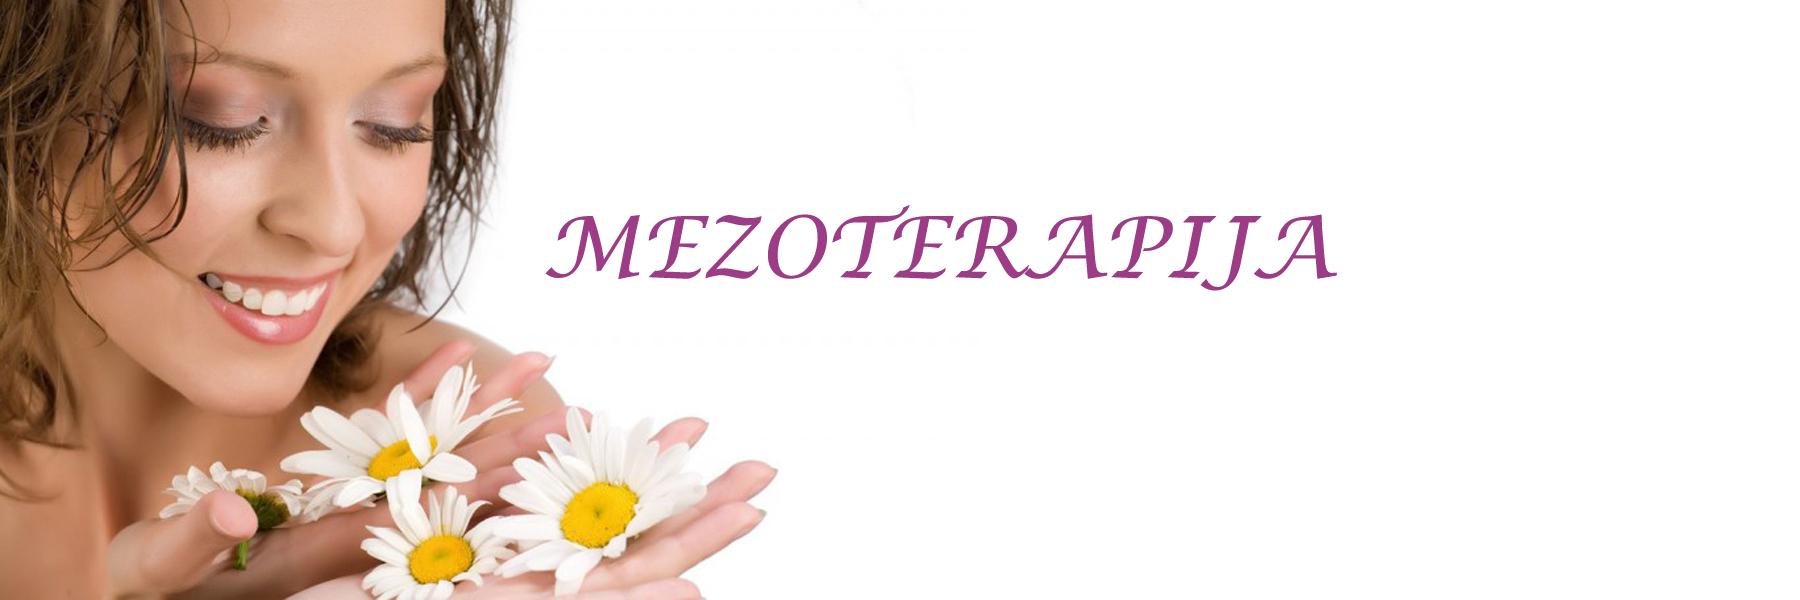 MEZO1